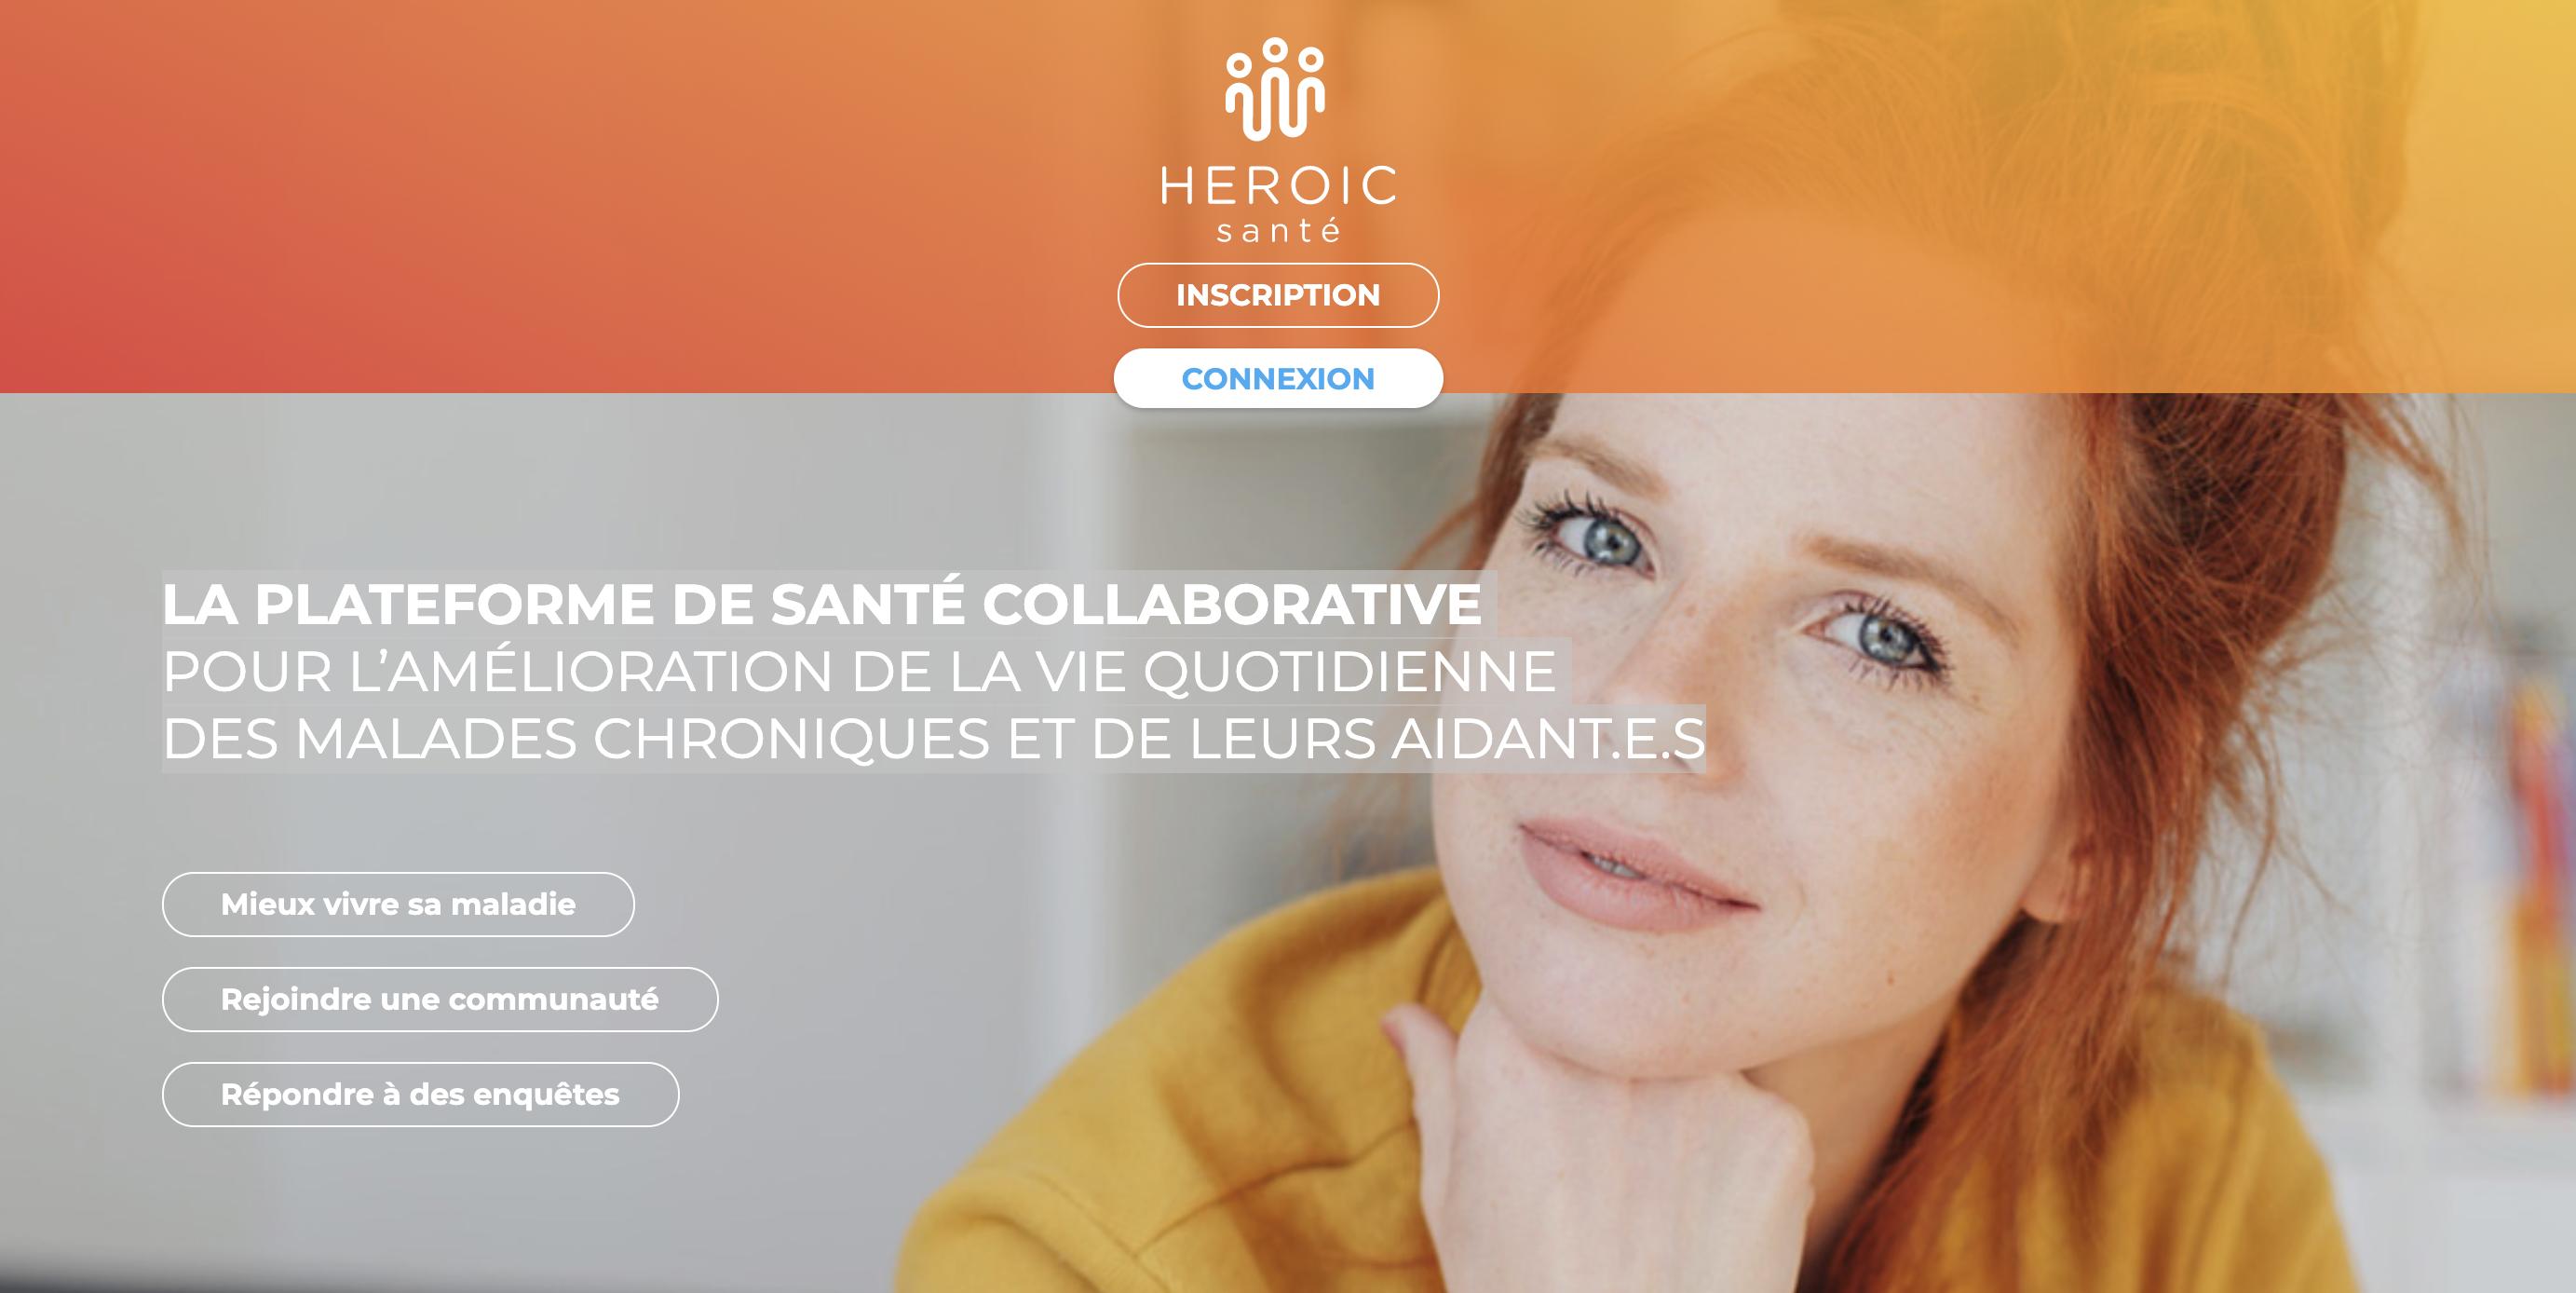 Site internet de HEROIC santé